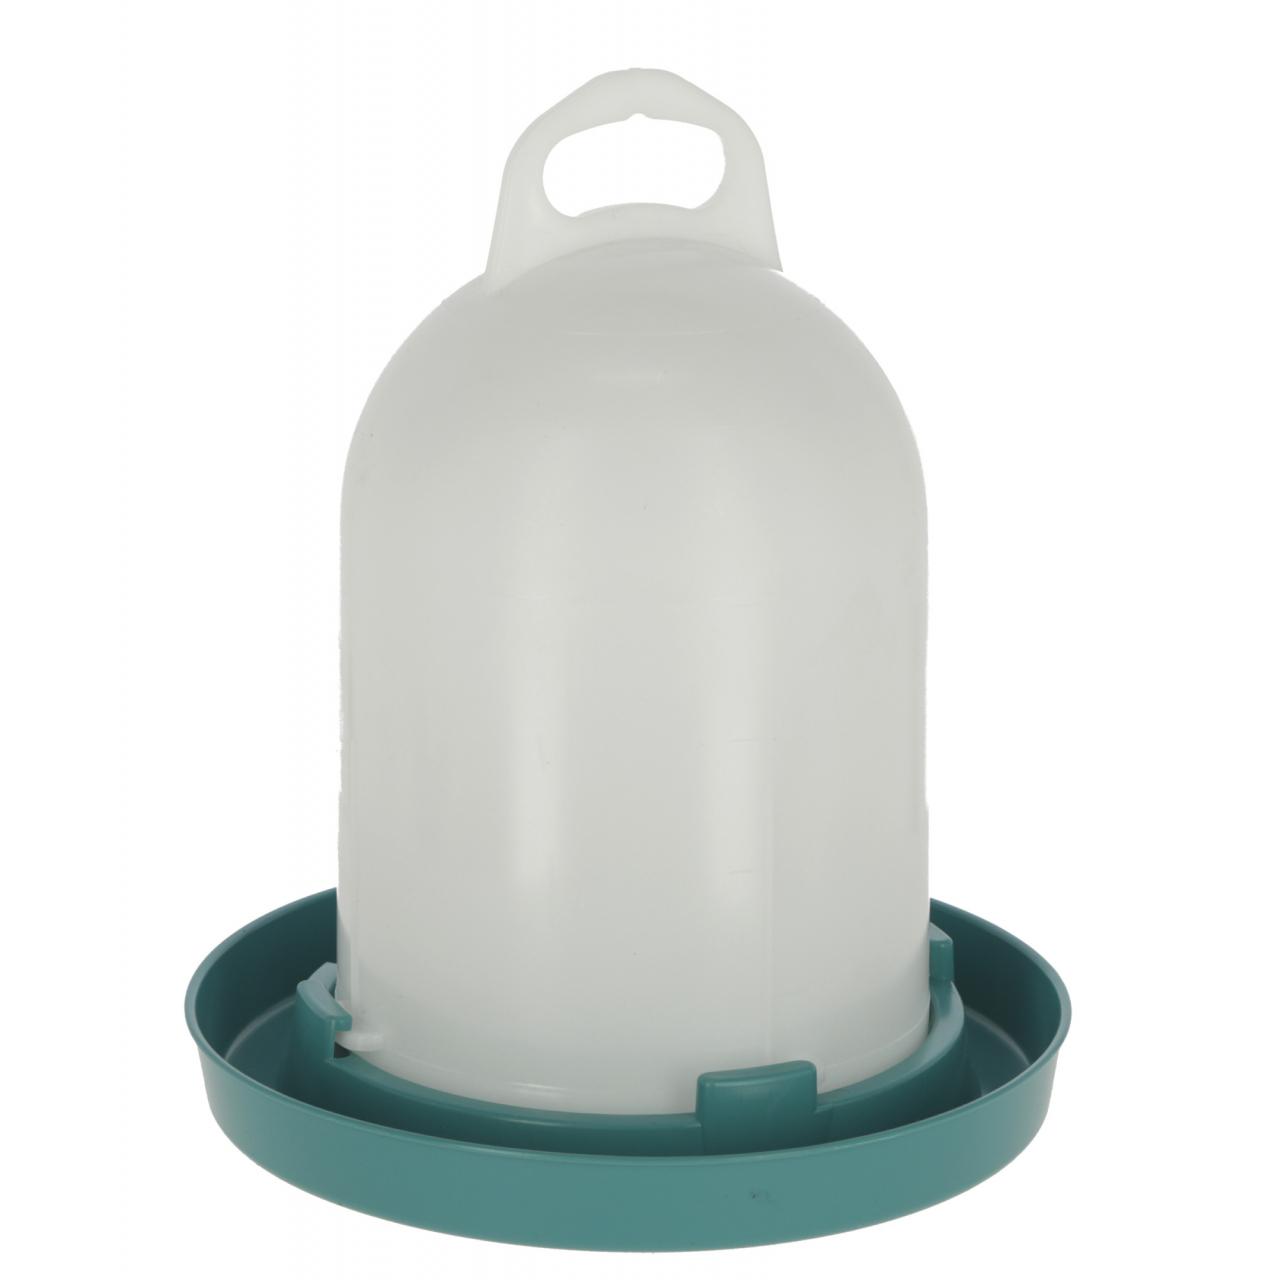 Műanyag itató, kék, 5,5 l